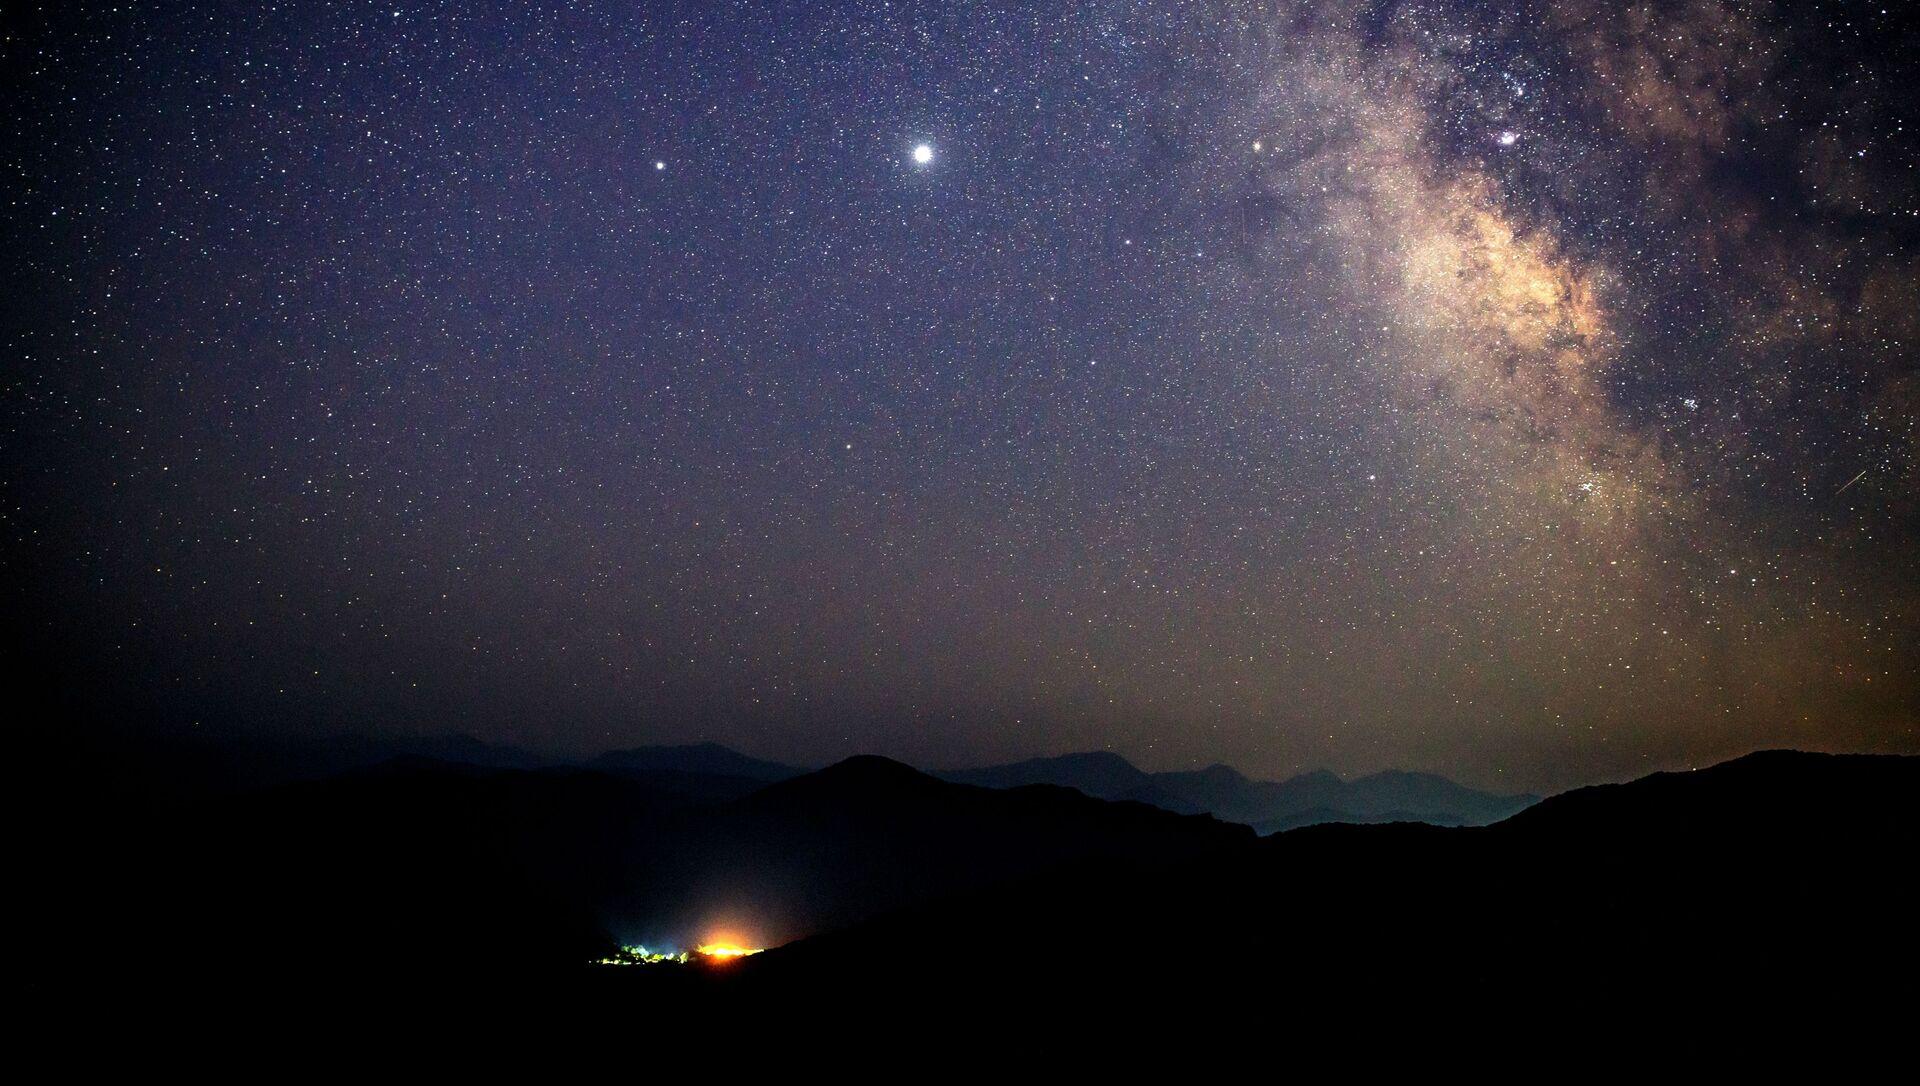 Звездное небо, наблюдаемое в Краснодарском крае во время метеорного потока Персеиды - Sputnik Грузия, 1920, 16.06.2021